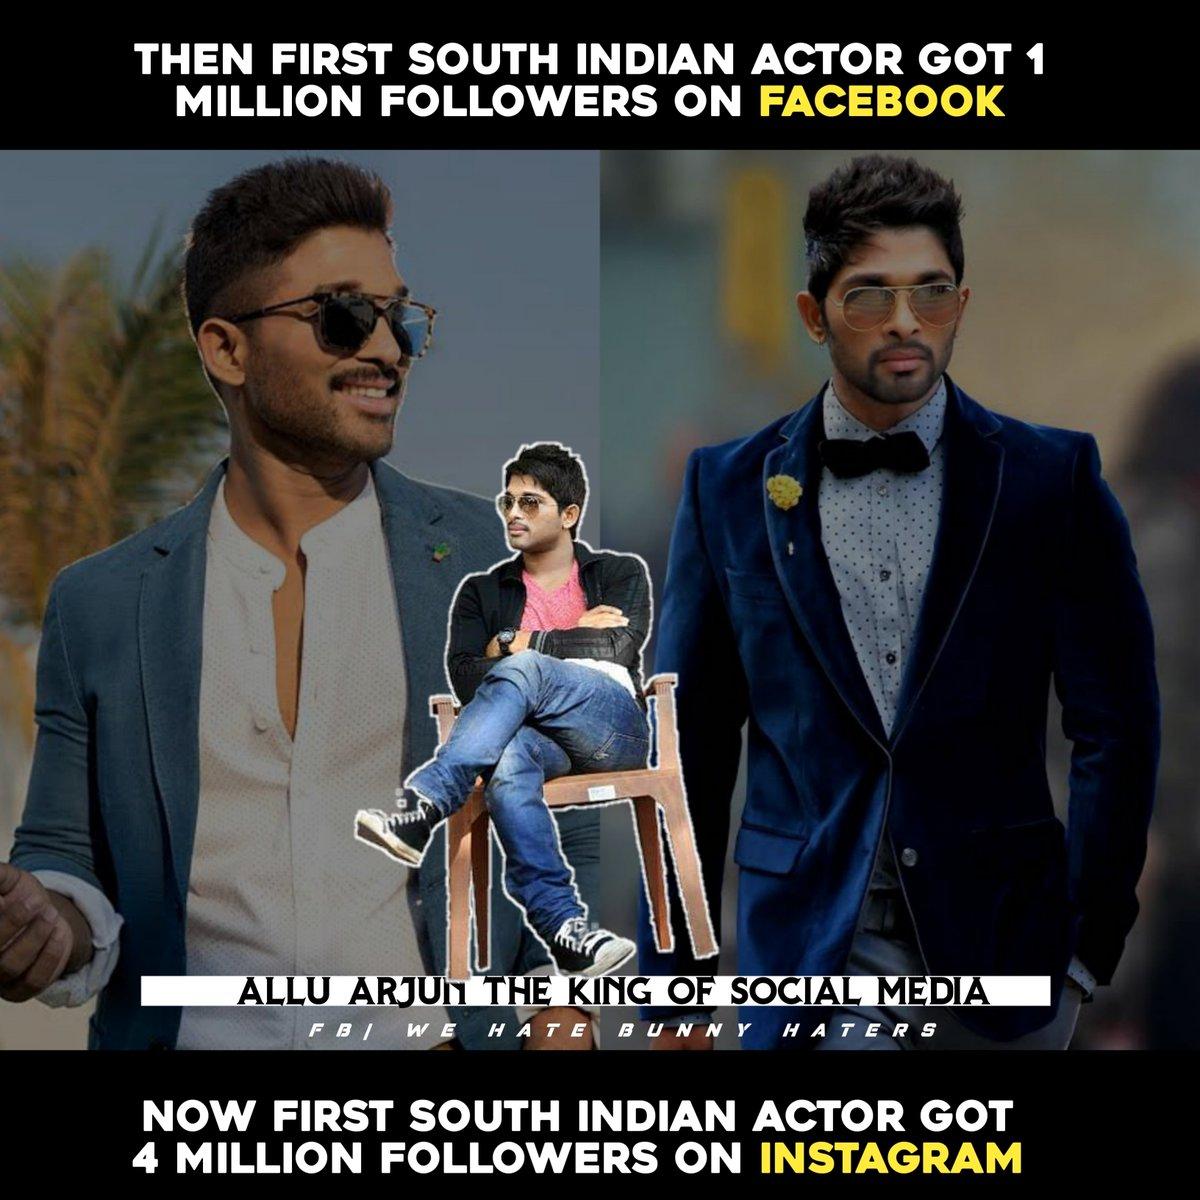 Firsth South Indian Actor got 1m likes on Facebook First South Indian Actor got 4m likes on Instagram  #AlluArjun The King of Social media  #4MillionAADHFsOnInstagram<br>http://pic.twitter.com/v7eaEdntfL